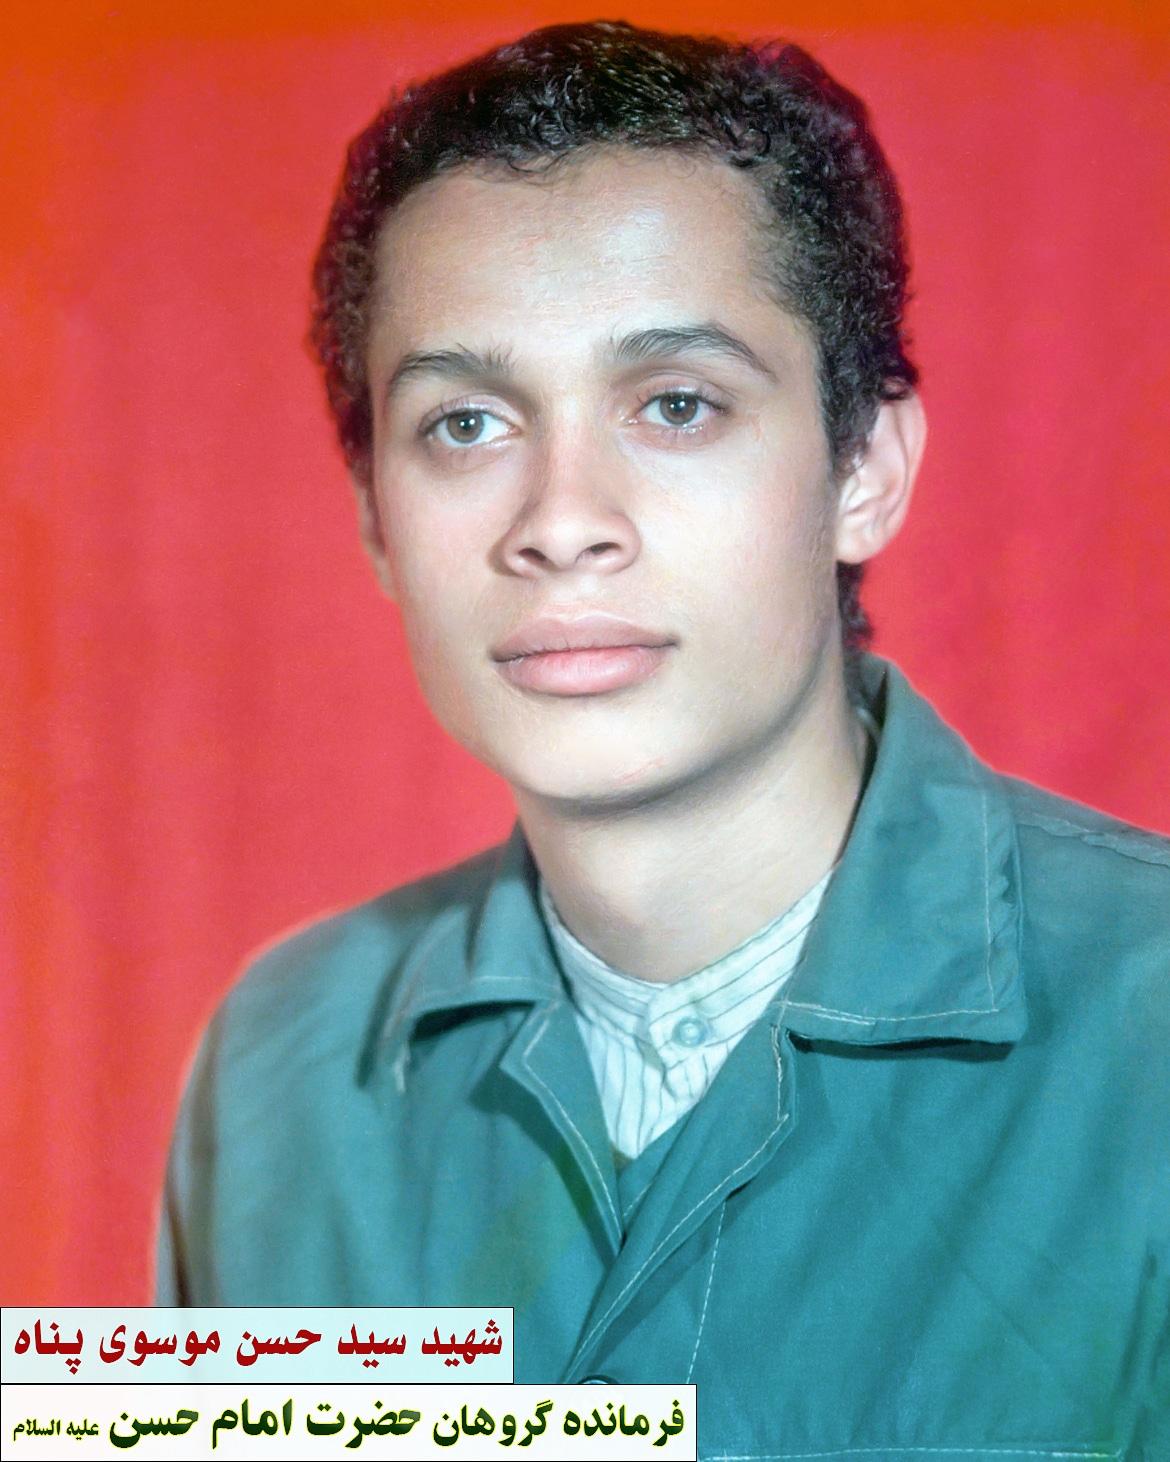 شهید سید حسن موسوی پناه